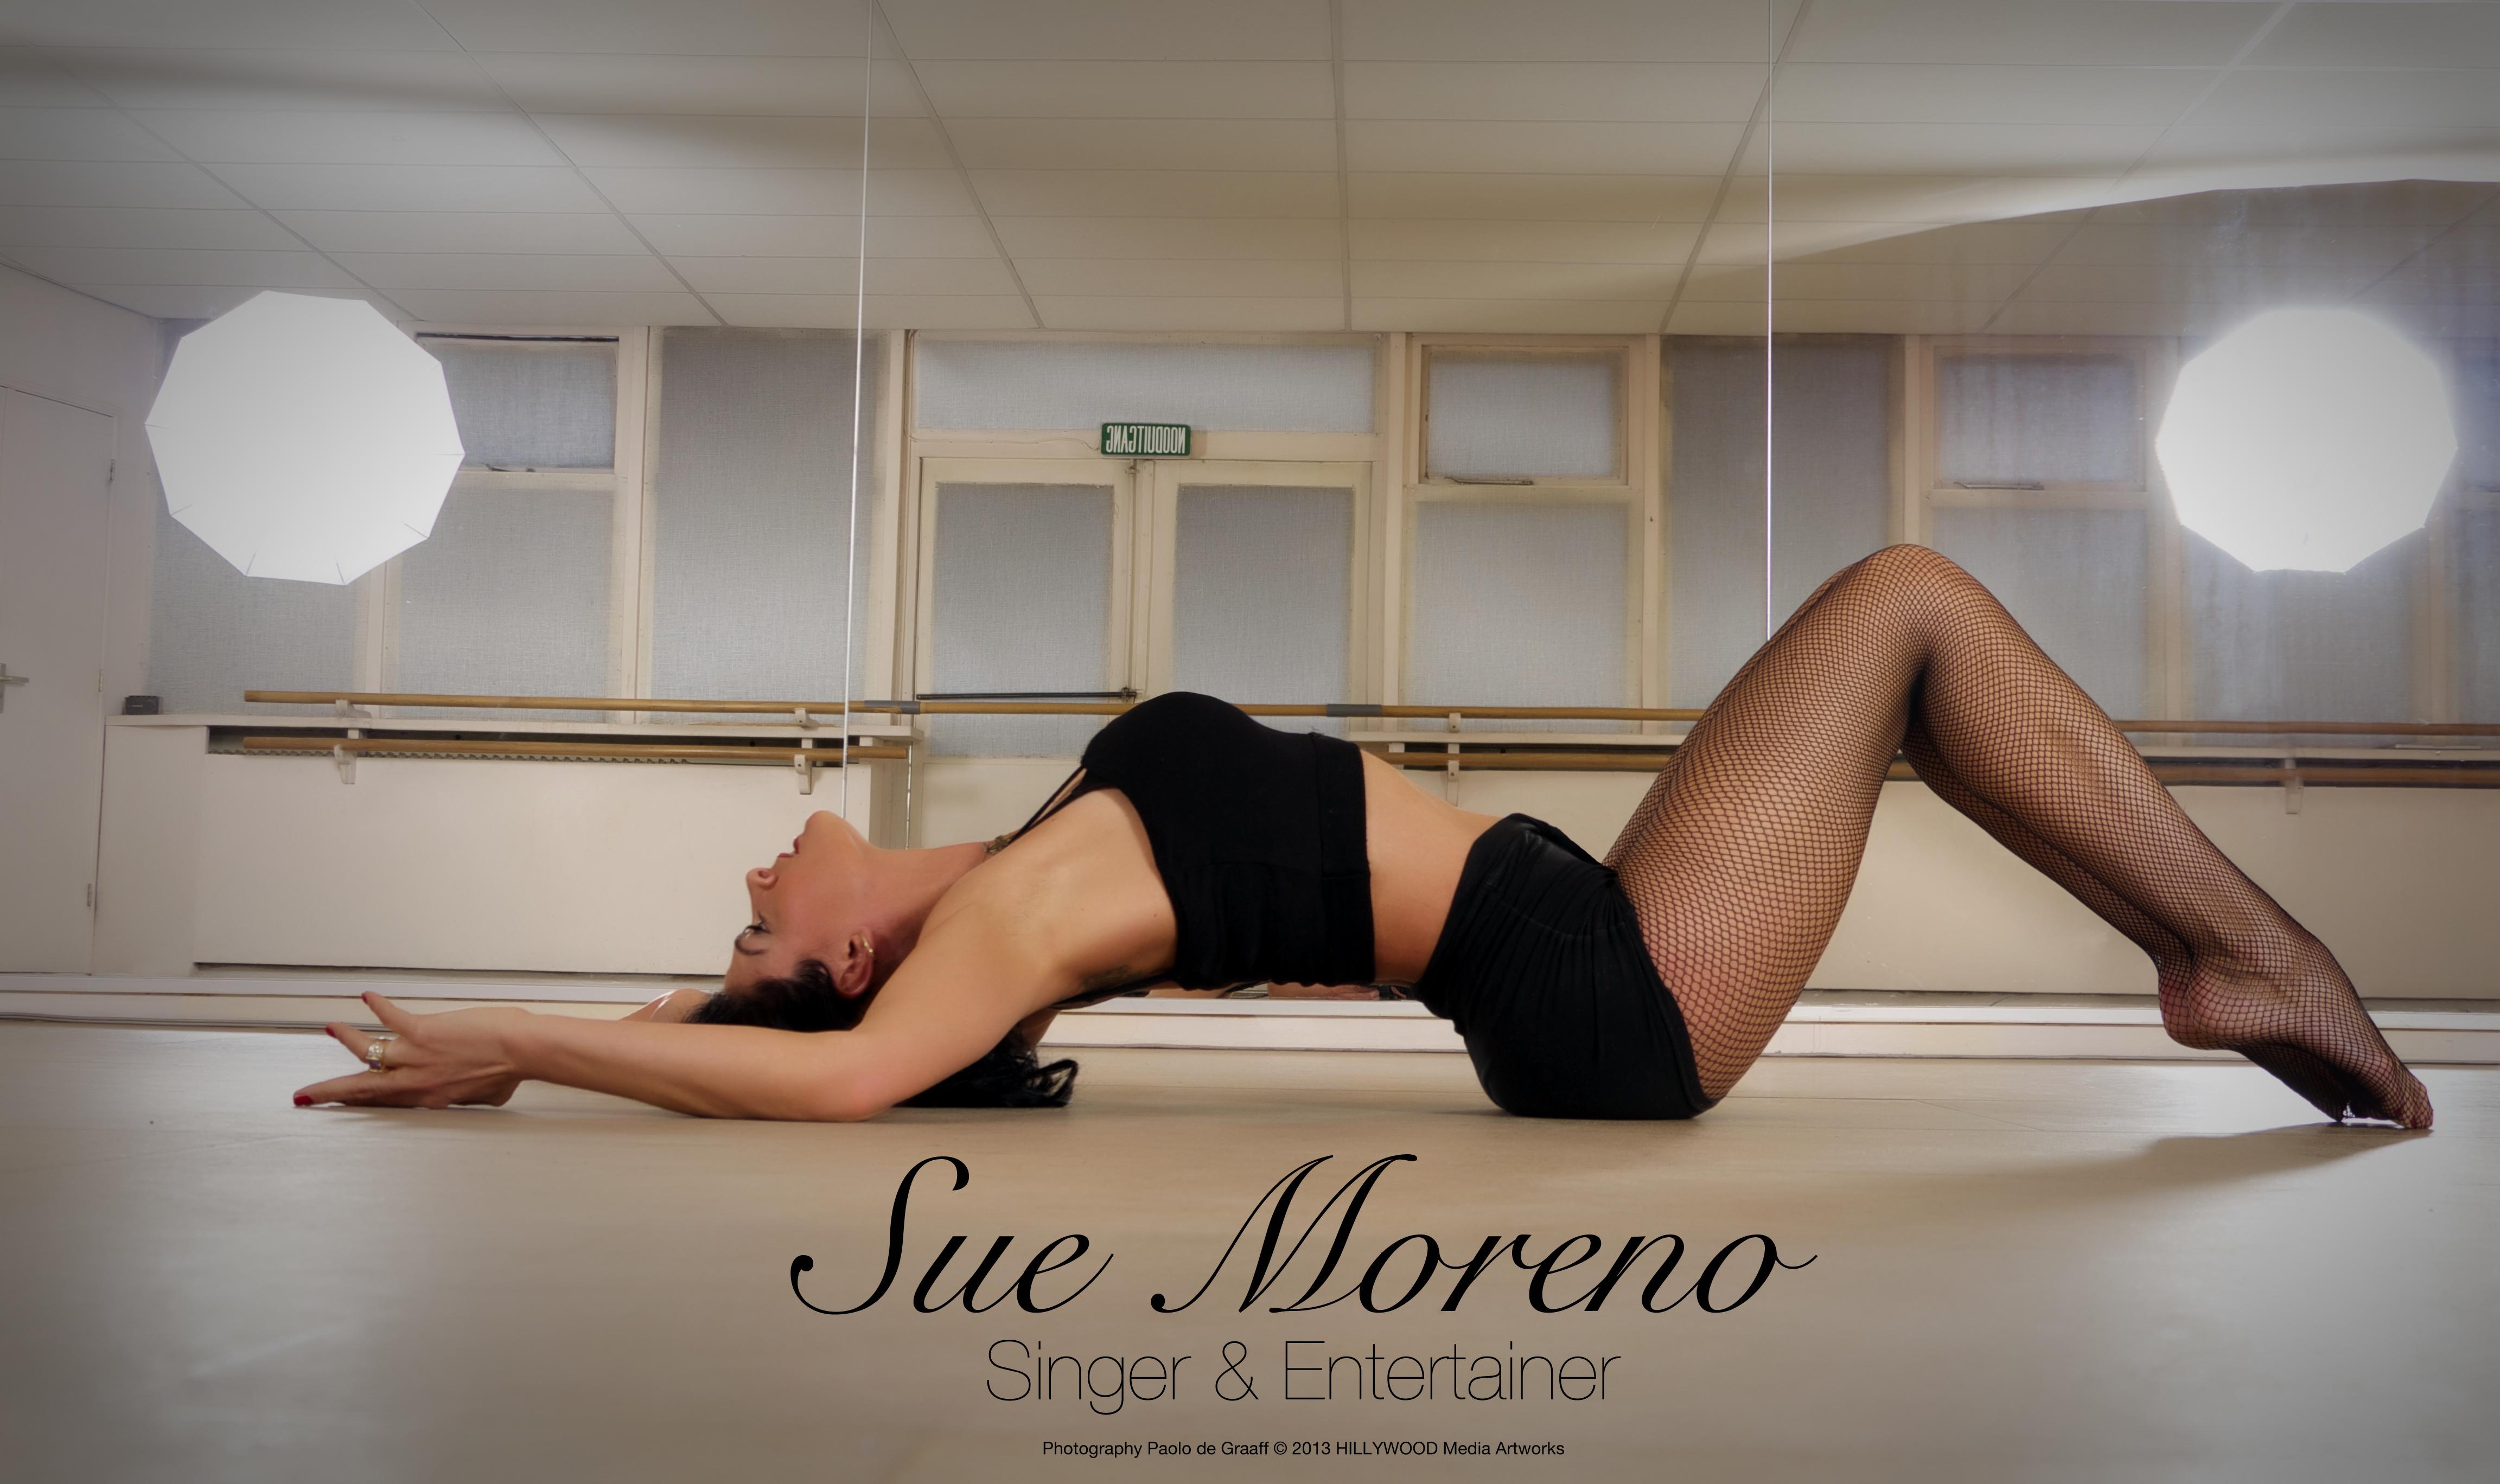 Sue Moreno - dance